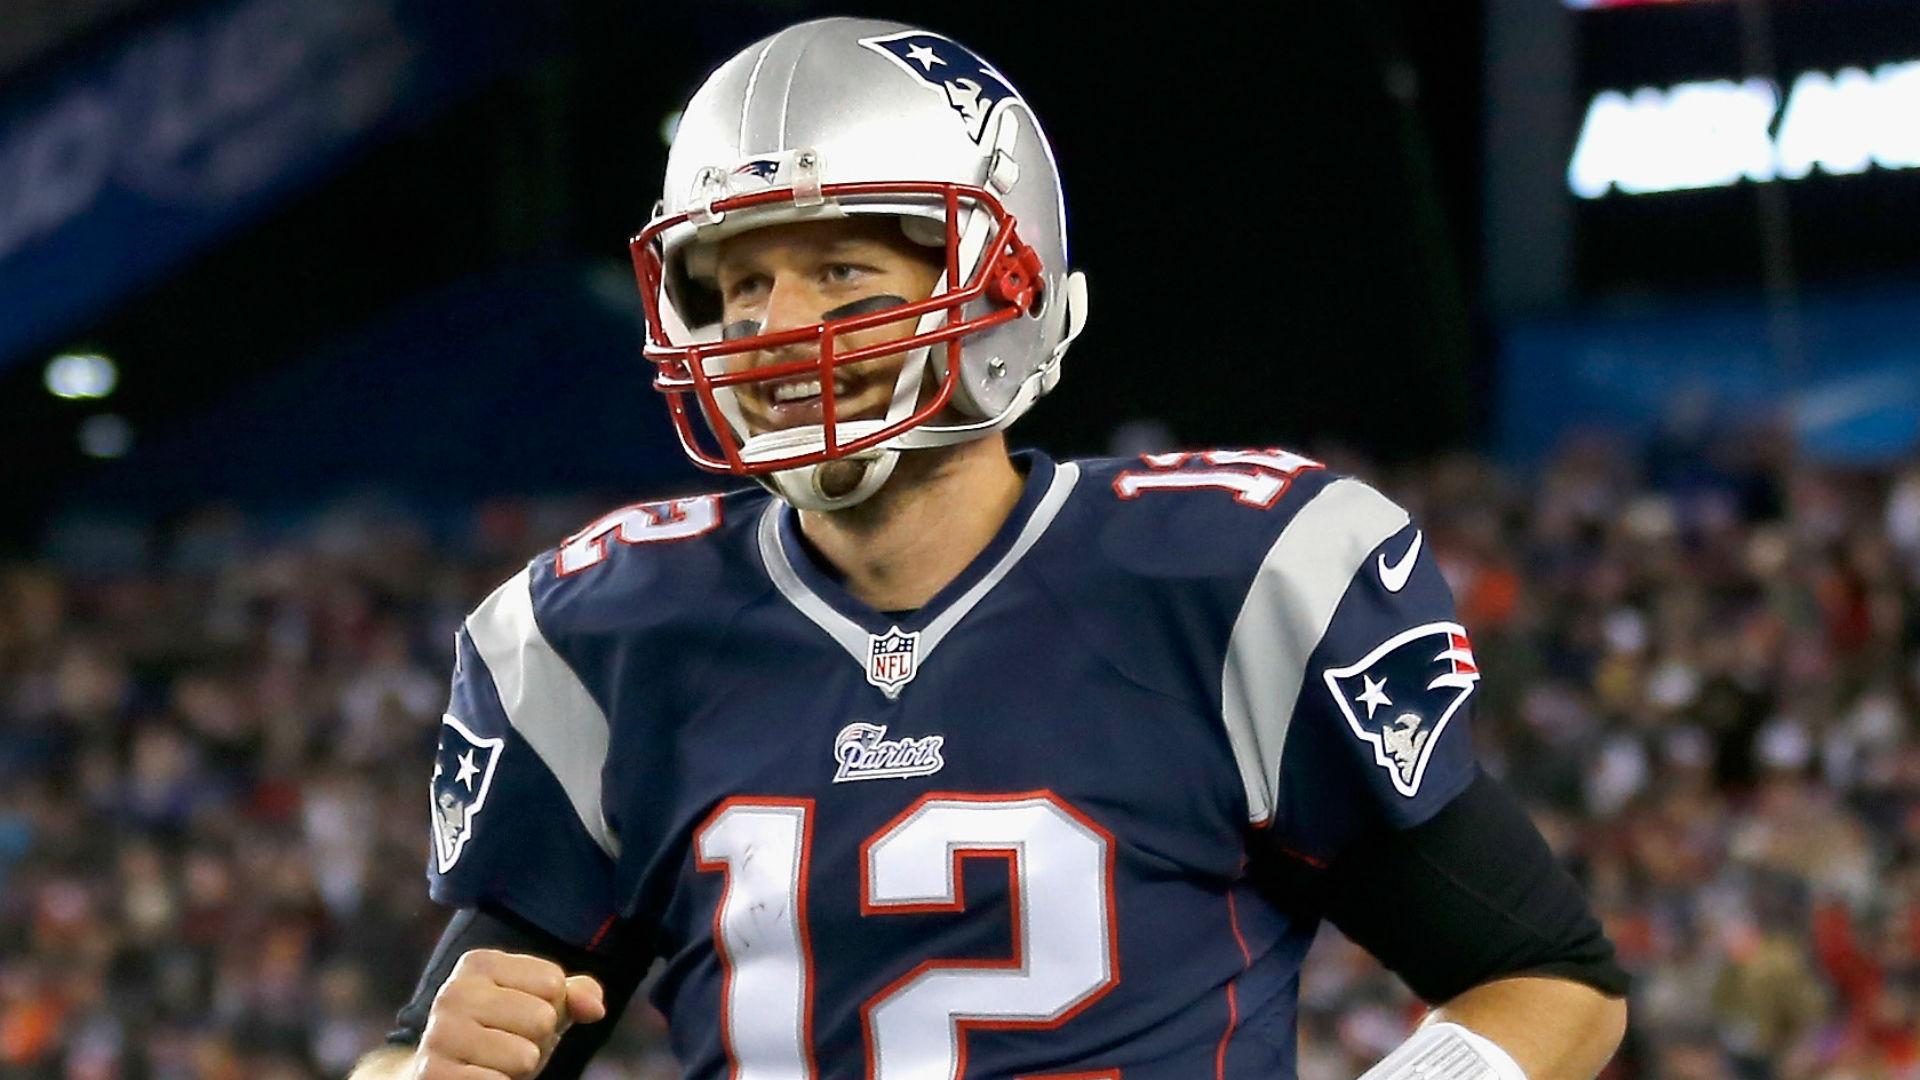 Tom-Brady-111614-getty-FTR.jpg